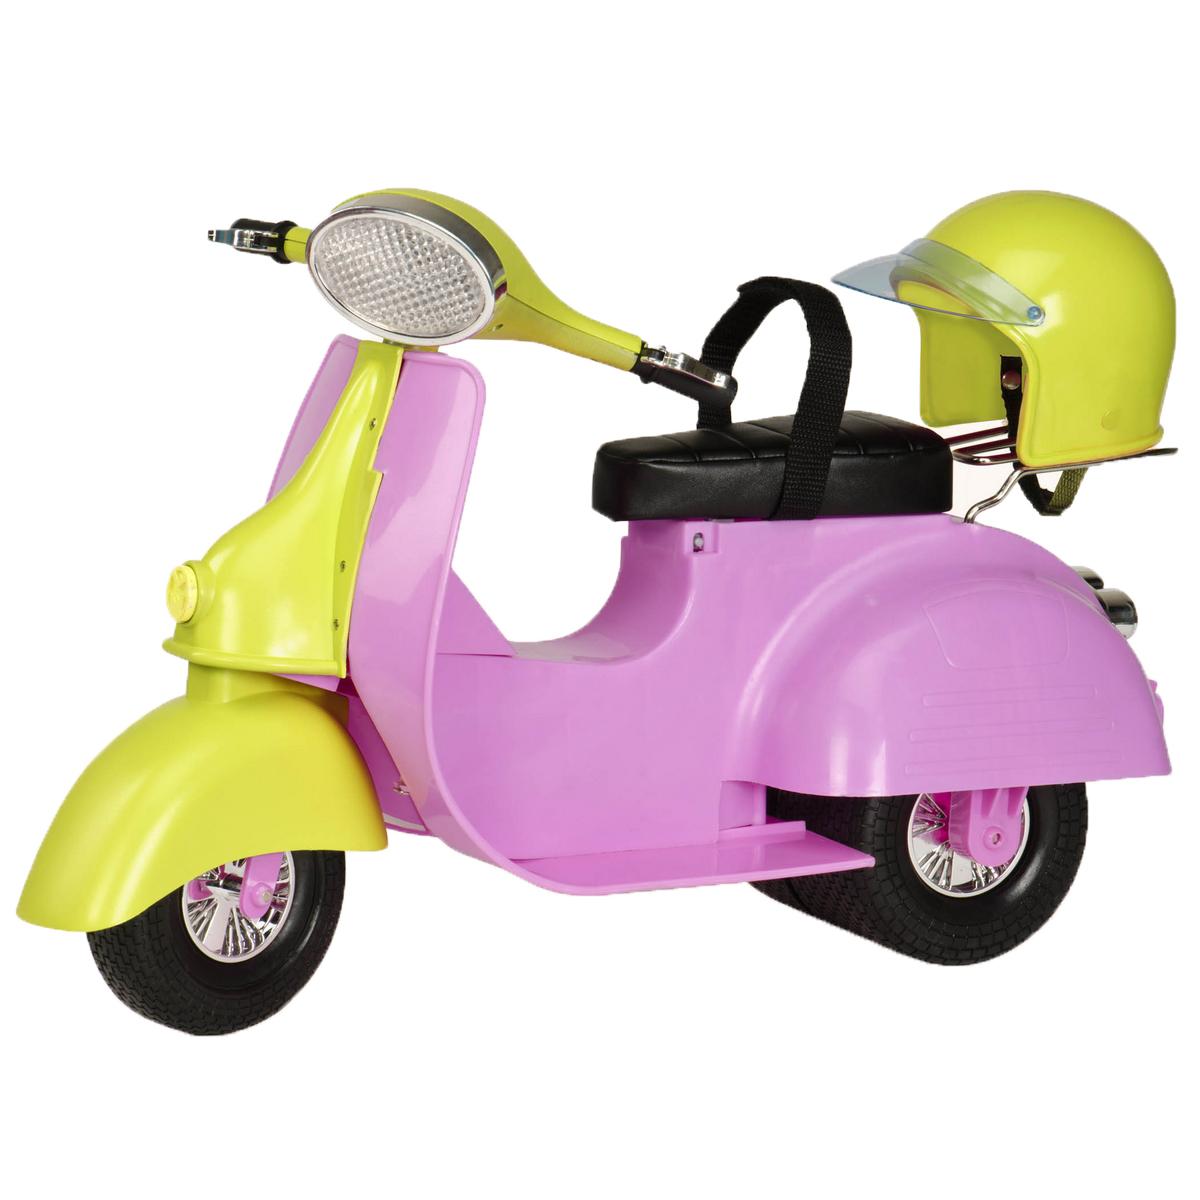 Our Generation Транспорт для кукол Скутер11526Девочки путешествуют со стилем на ярком скутере Our Generation! Скутер выполнен из прочного безопасного пластика розового цвета. Игрушка дополнена поворачивающимся рулем и ремешком для поддержки куколки. В комплект входит шлем желтого цвета для куколки. Ваша малышка сможет катать свою куколку на скутере. Порадуйте ее таким замечательным подарком! Подходит для кукол высотой 46 см.